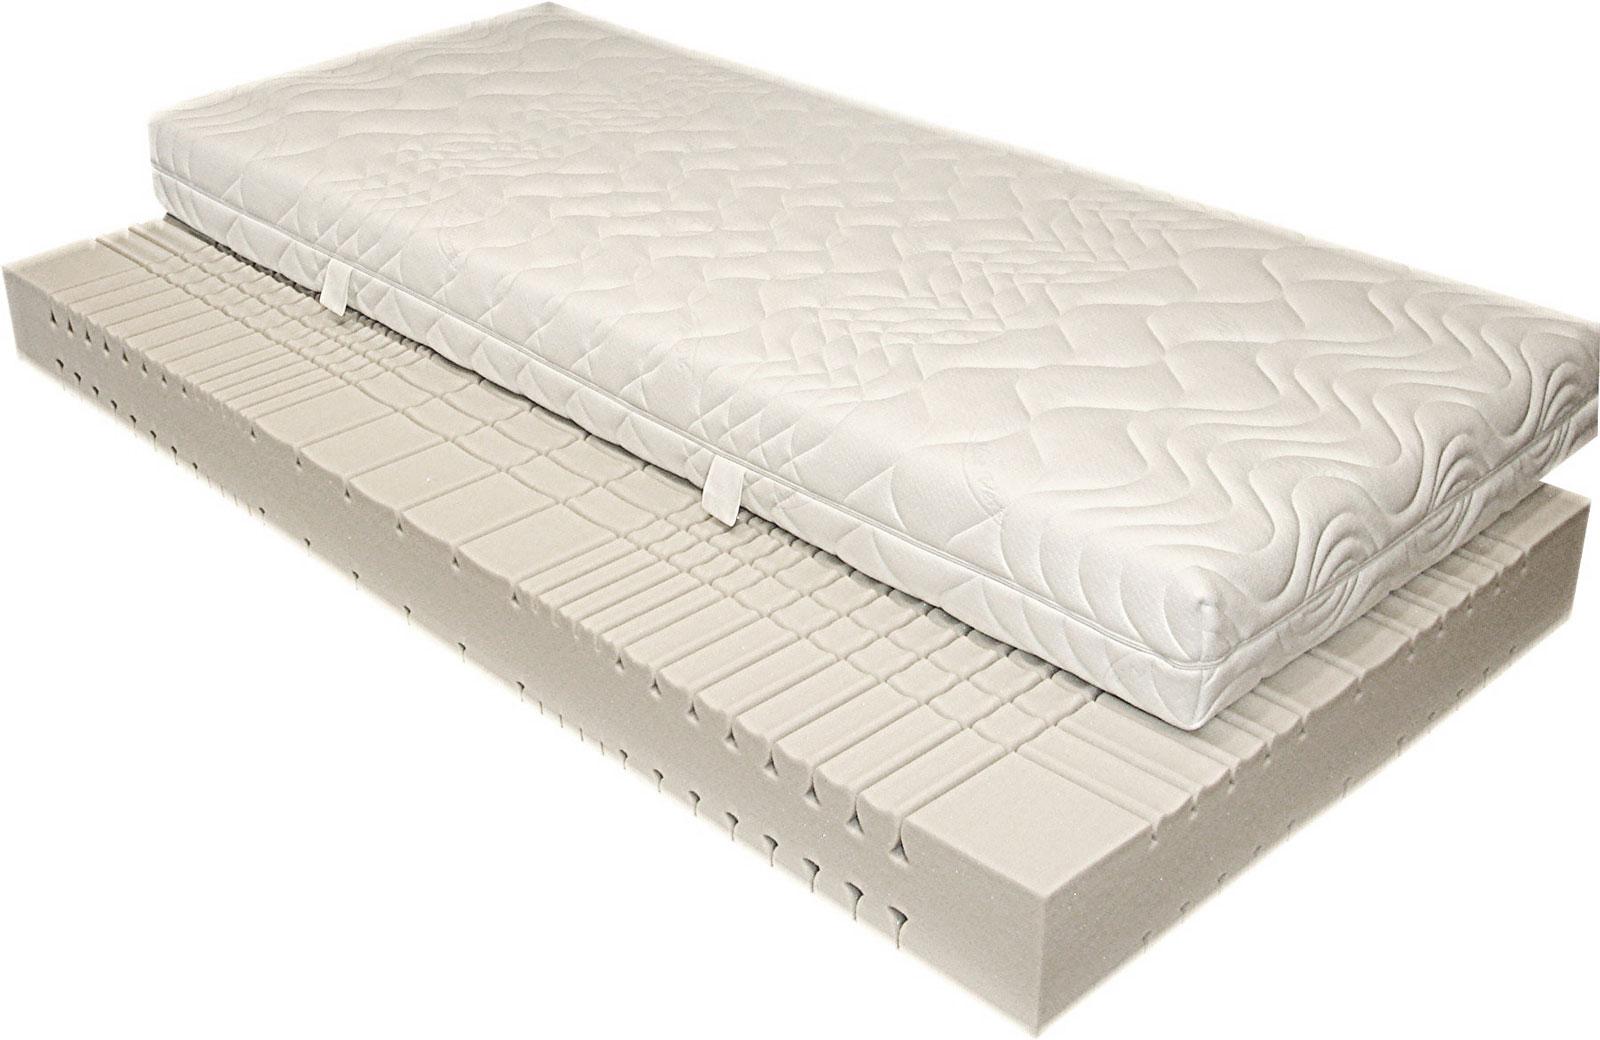 sam 7 zonen kaltschaum h2 matratze 160 x 200 cm komfort. Black Bedroom Furniture Sets. Home Design Ideas